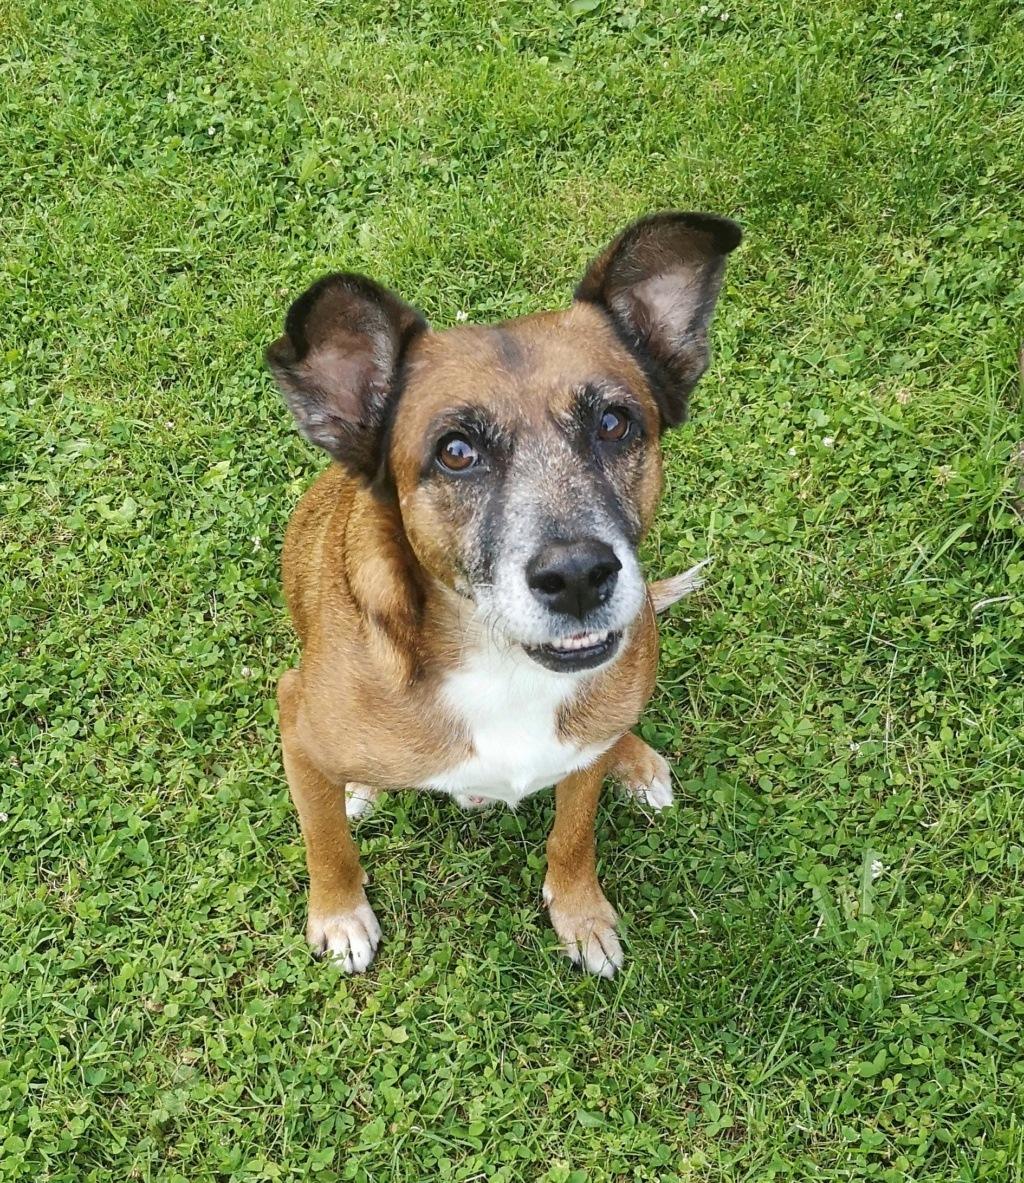 PAGNOL, chien de 7 ans environ pour 20 kg - Marrainé par Pat84 Img_2597